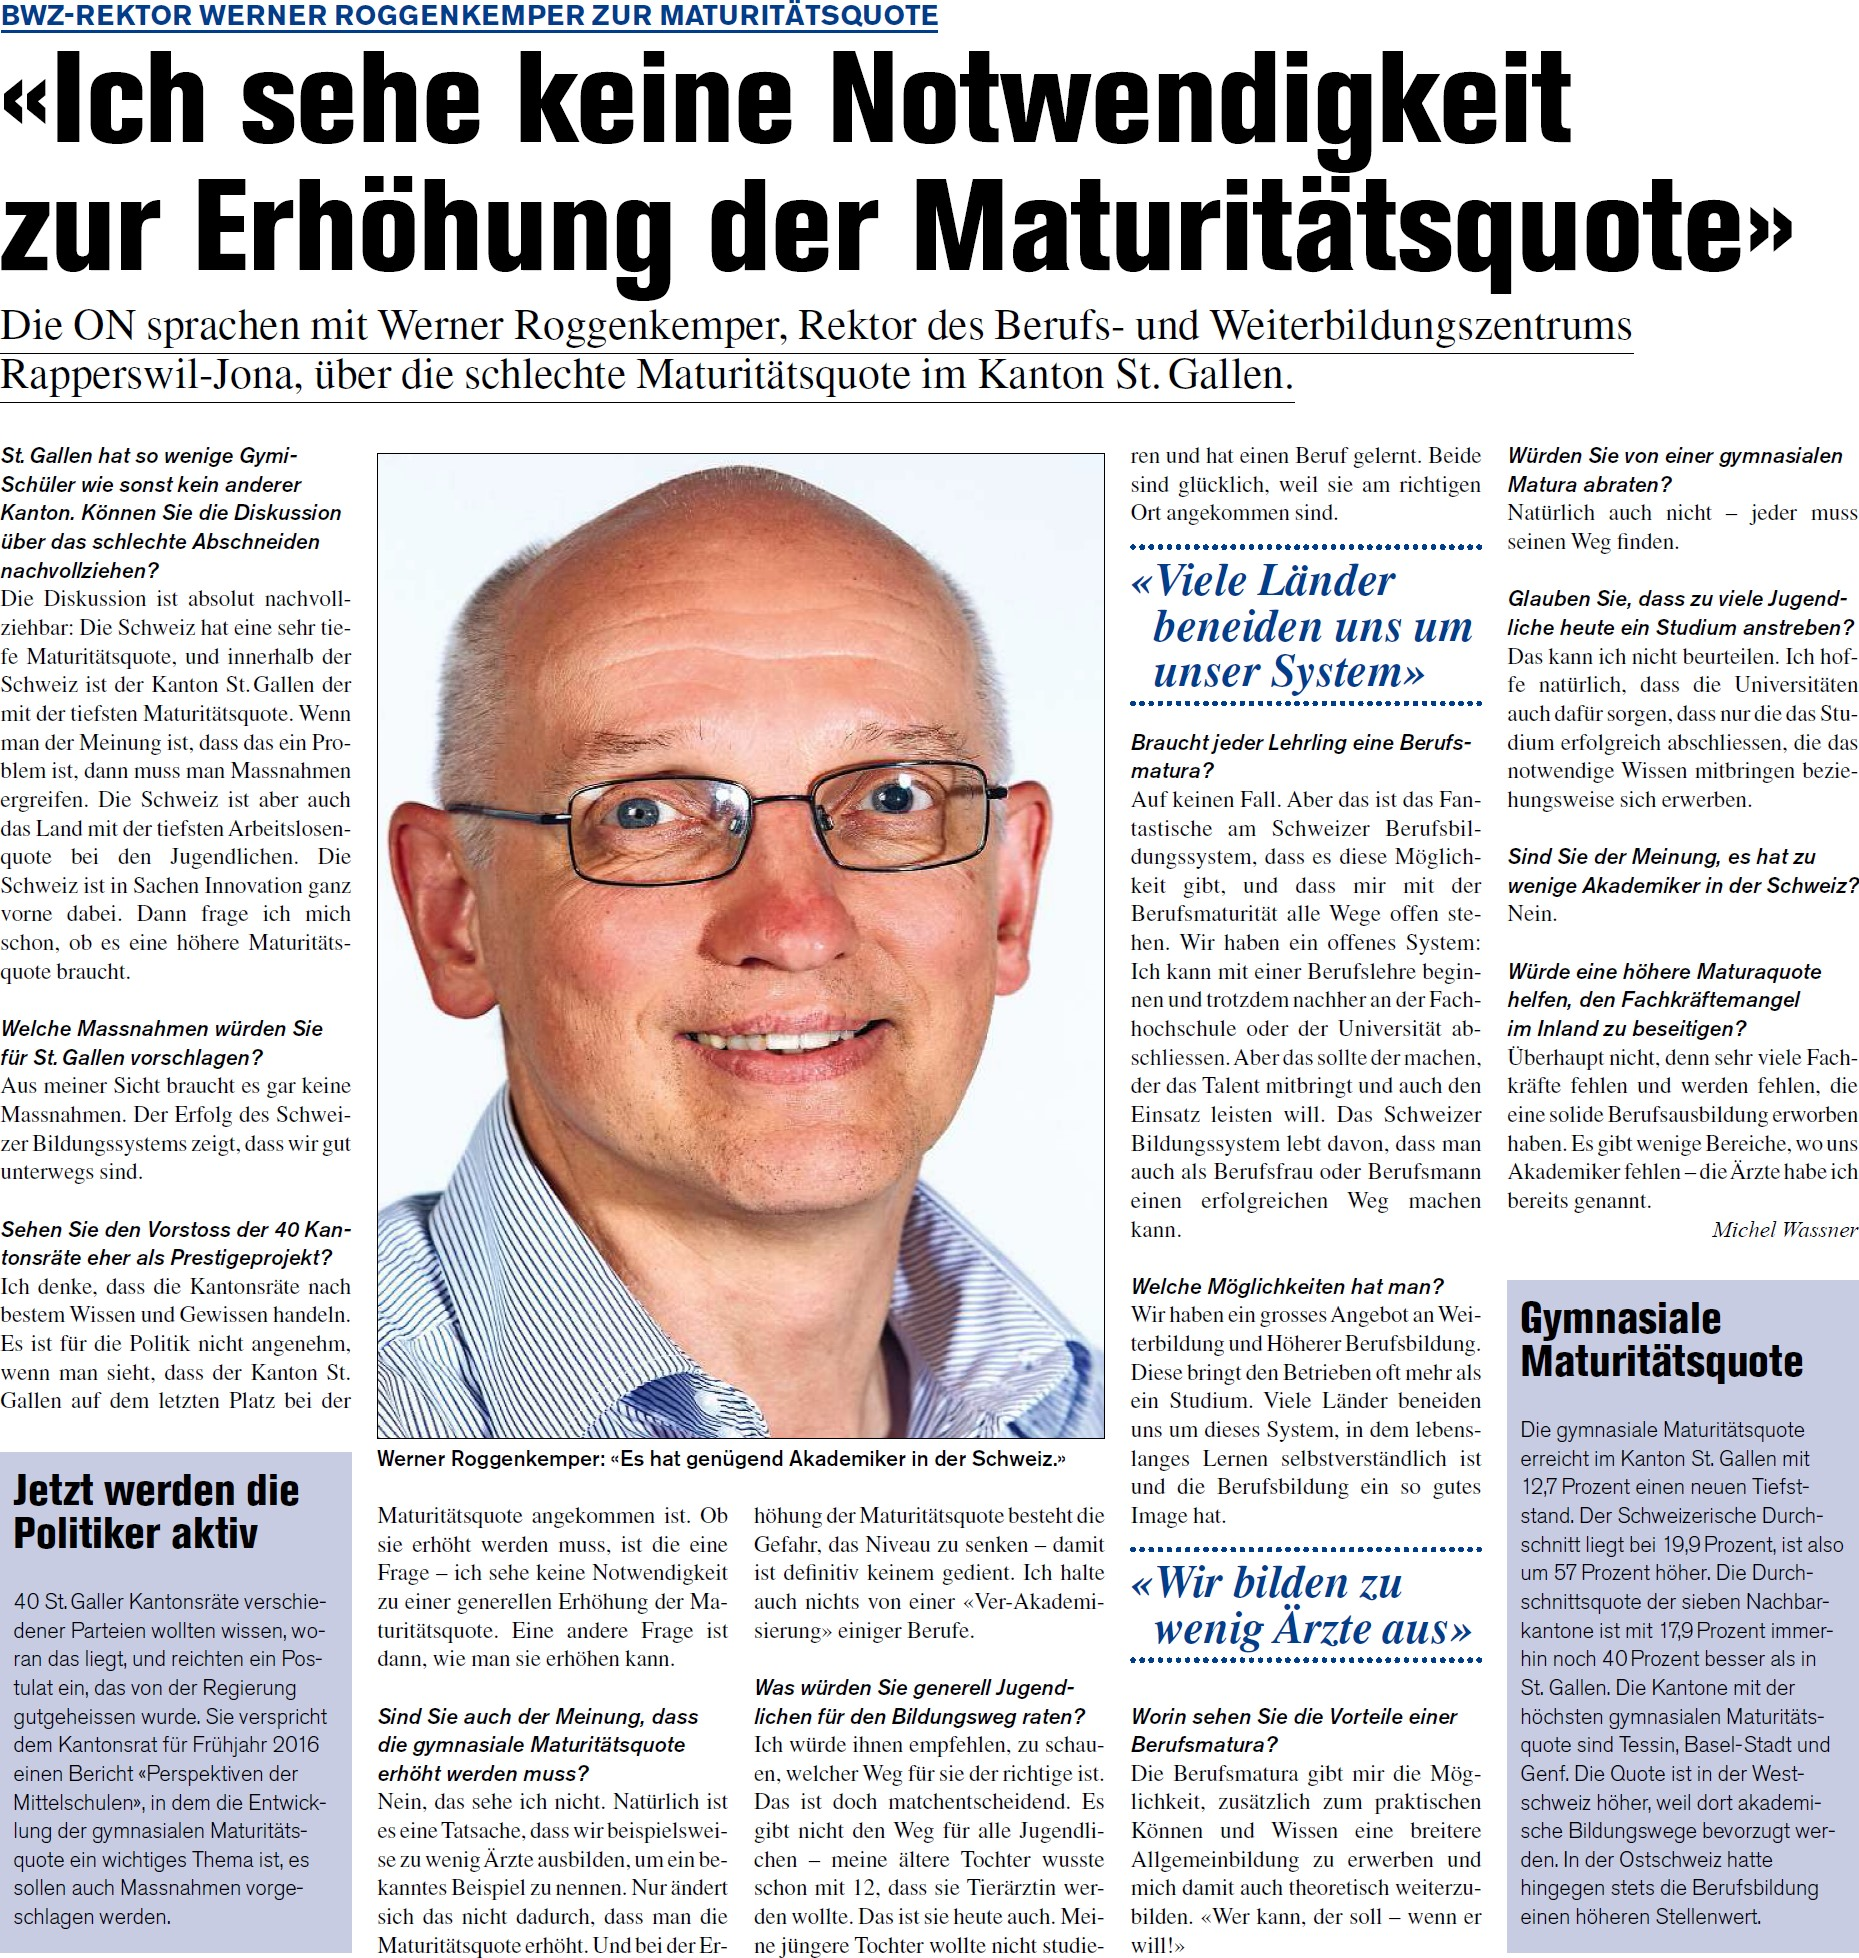 Interessanter Zeitungsartikel: «Ich sehe keine Notwendigkeit zur Erhöhung der Maturitätsquote» (Donnerstag, 09.04.2015)